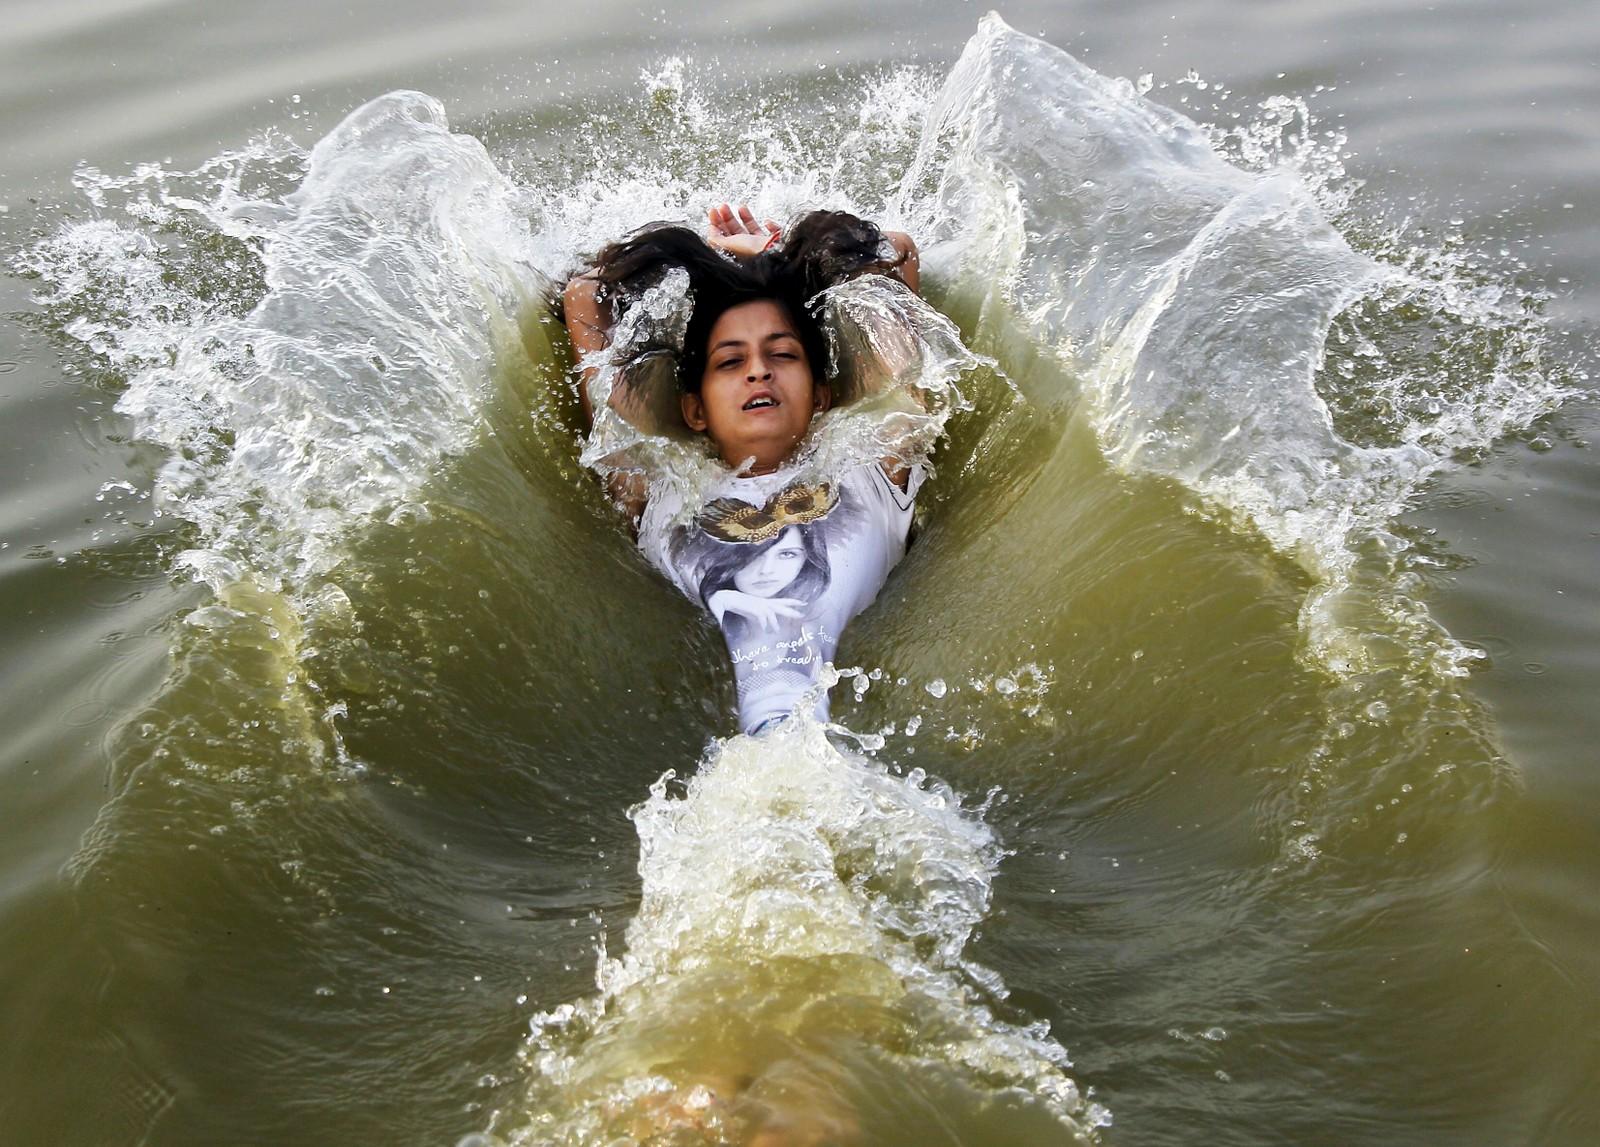 Denne jenta tar seg et avkjølende bad i Ganges i byen Allahabad hvor temperaturen søndag var ventet å nå 46 grader Celcius.